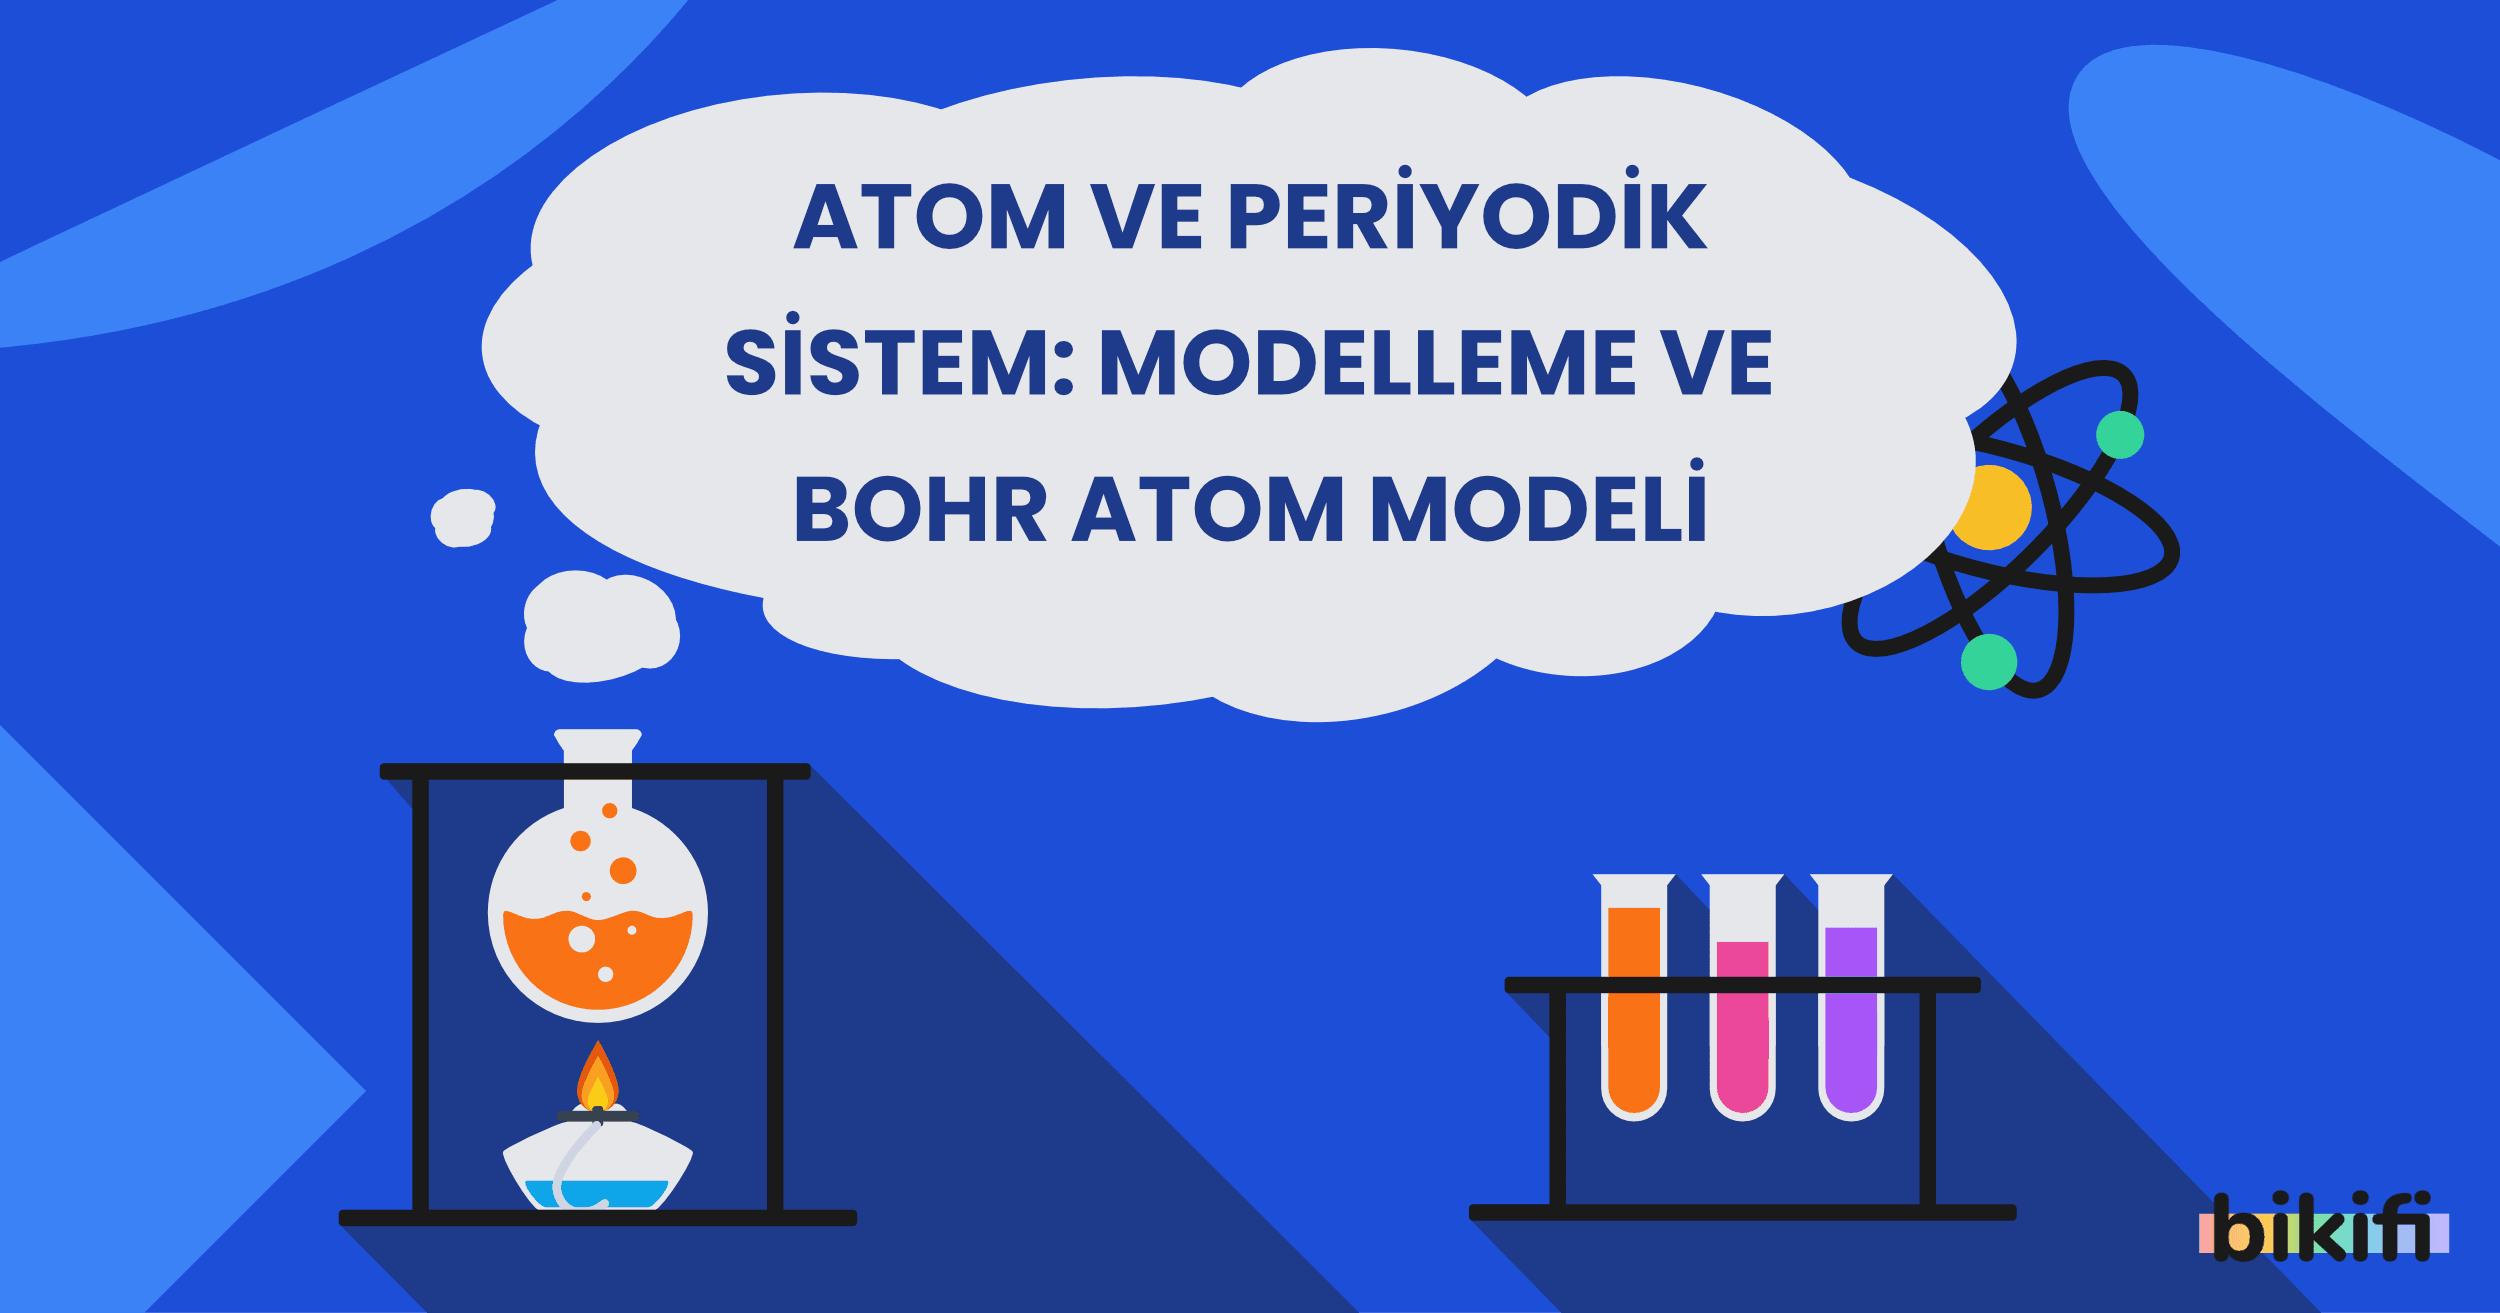 Atom ve Periyodik Sistem: Modelleme ve Bohr Atom Modeli